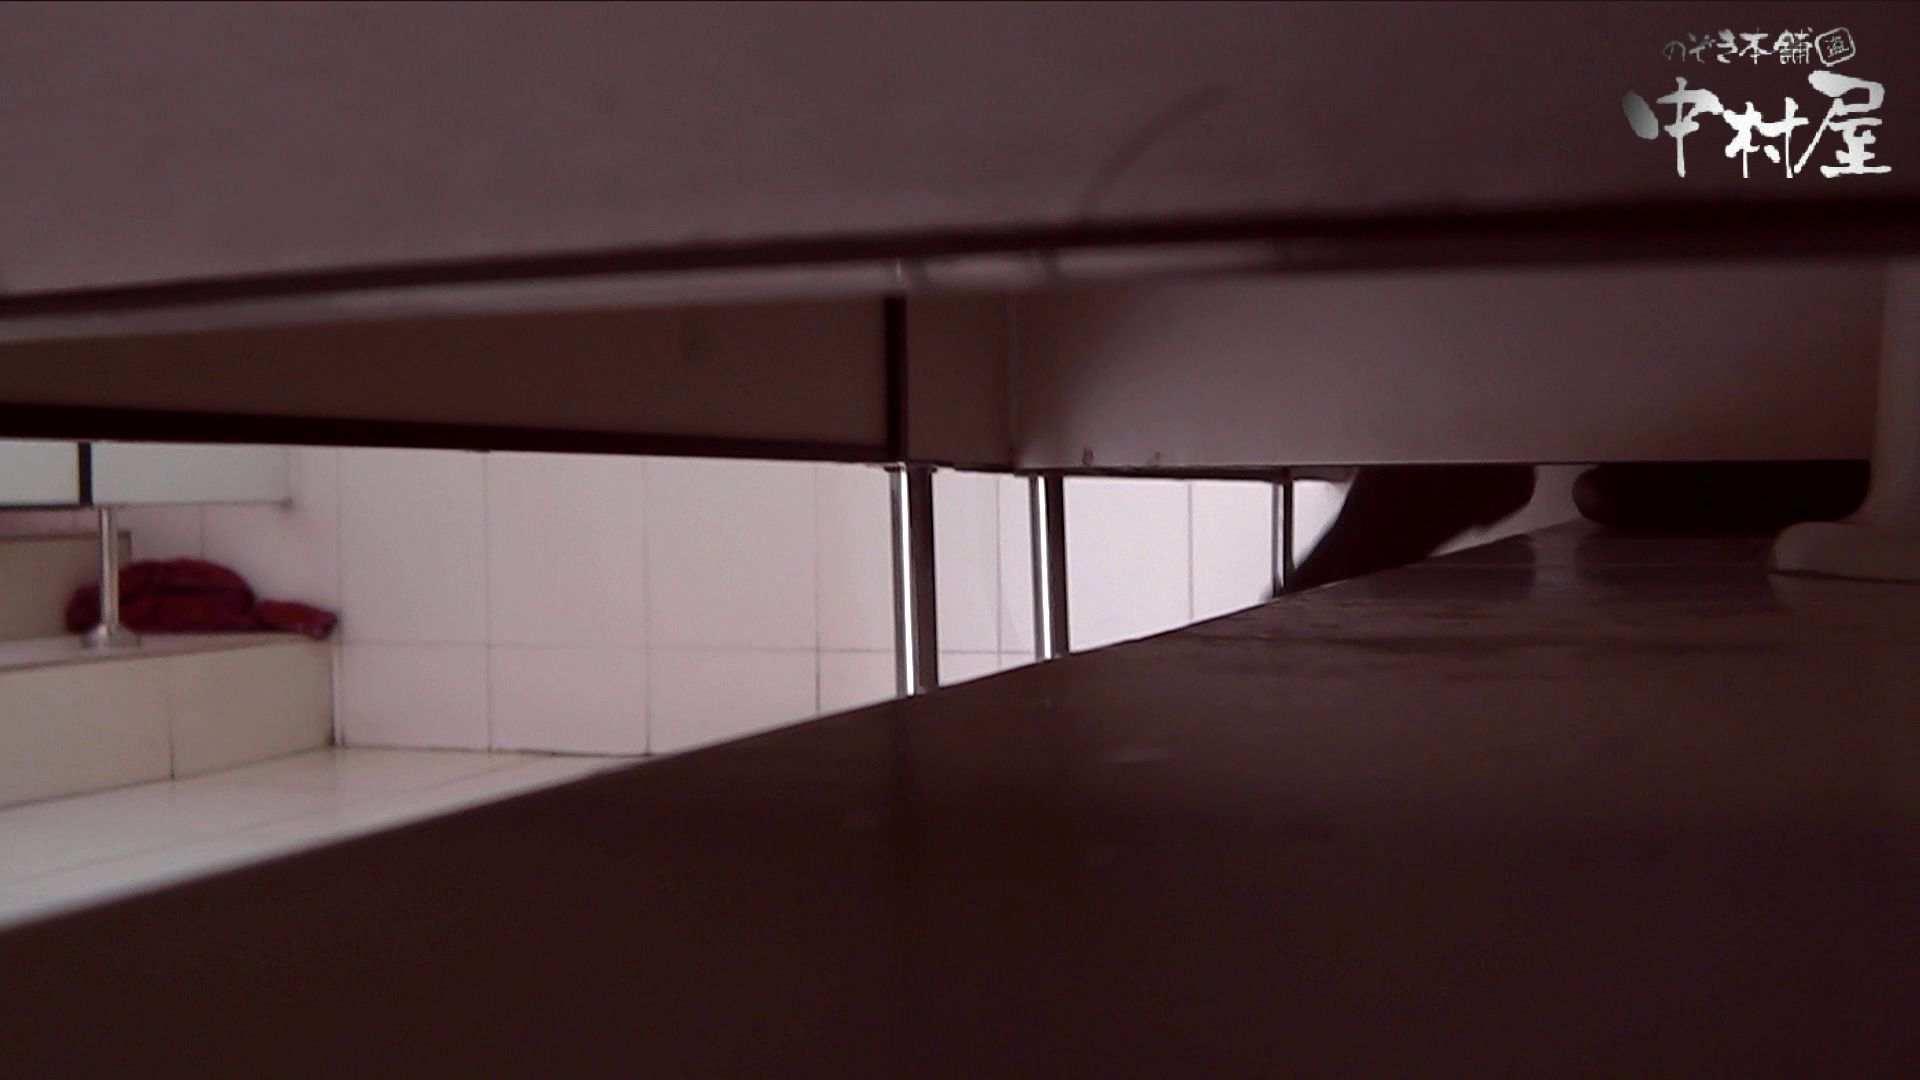 【世界の射窓から】世界の射窓から vol.6 洗面所 | OLセックス  80画像 9